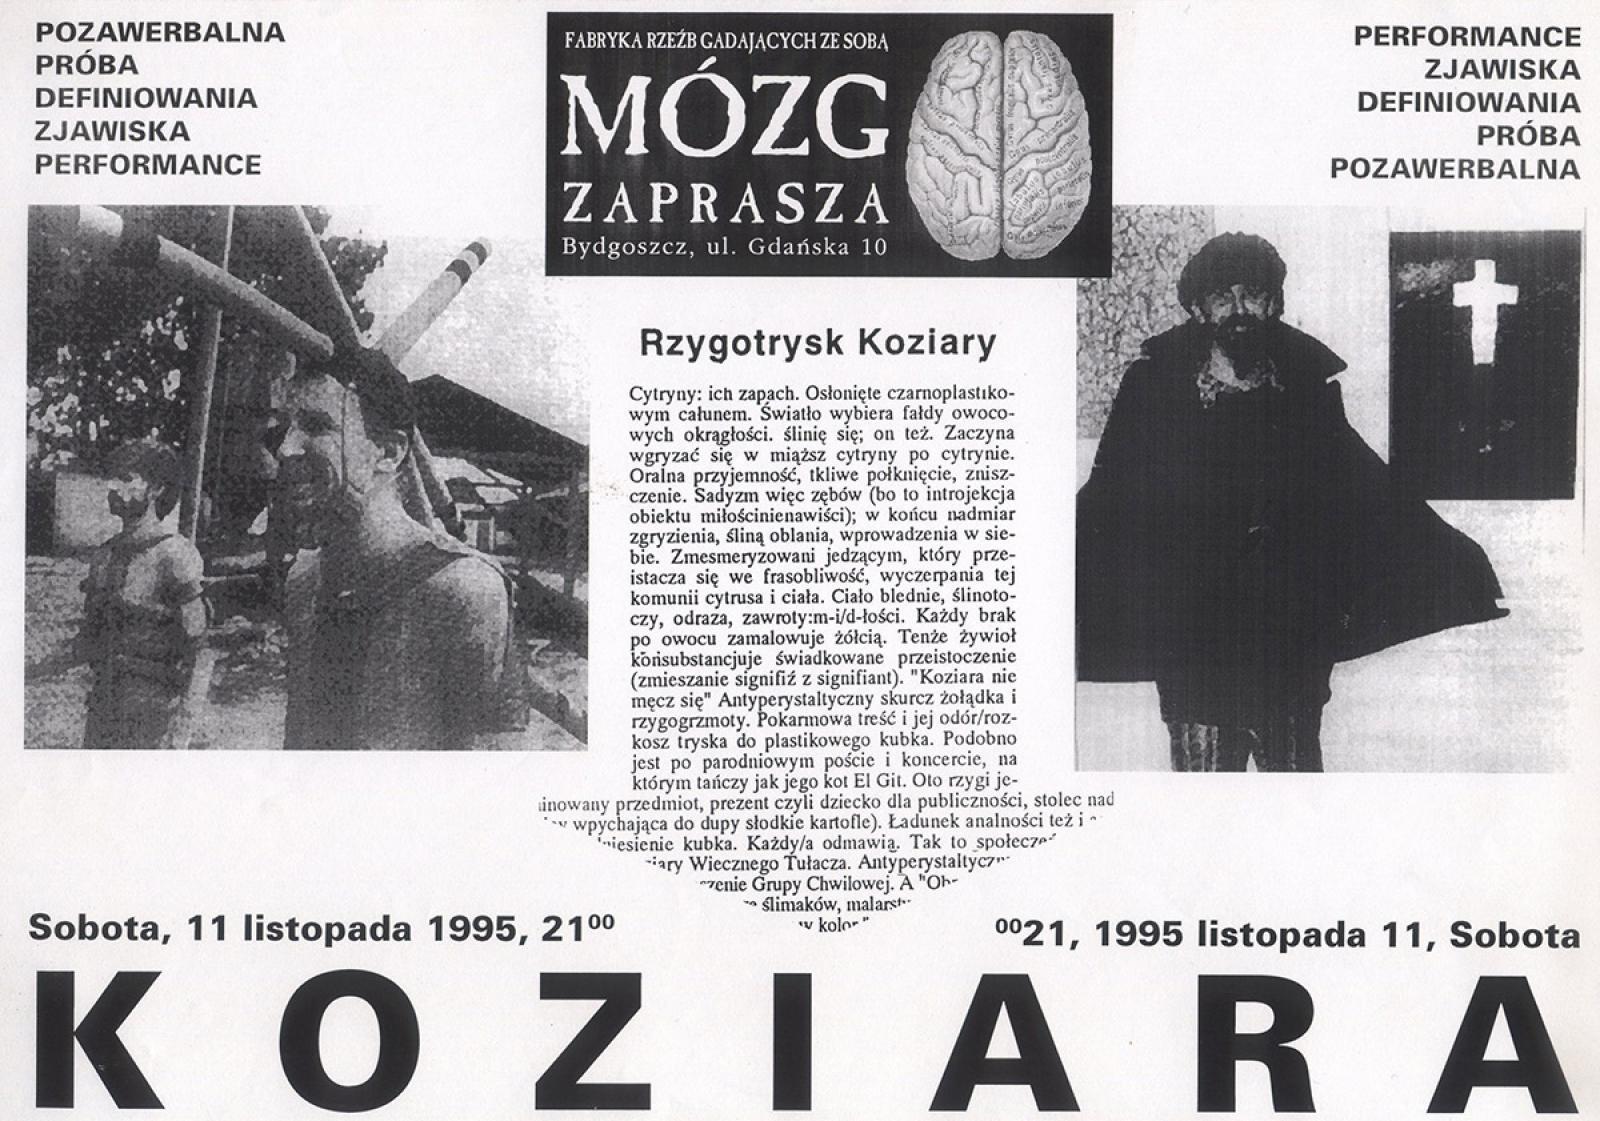 Jarosław Koziara - z cyklu: pozawerbalna próba definiowania zjawiska performance